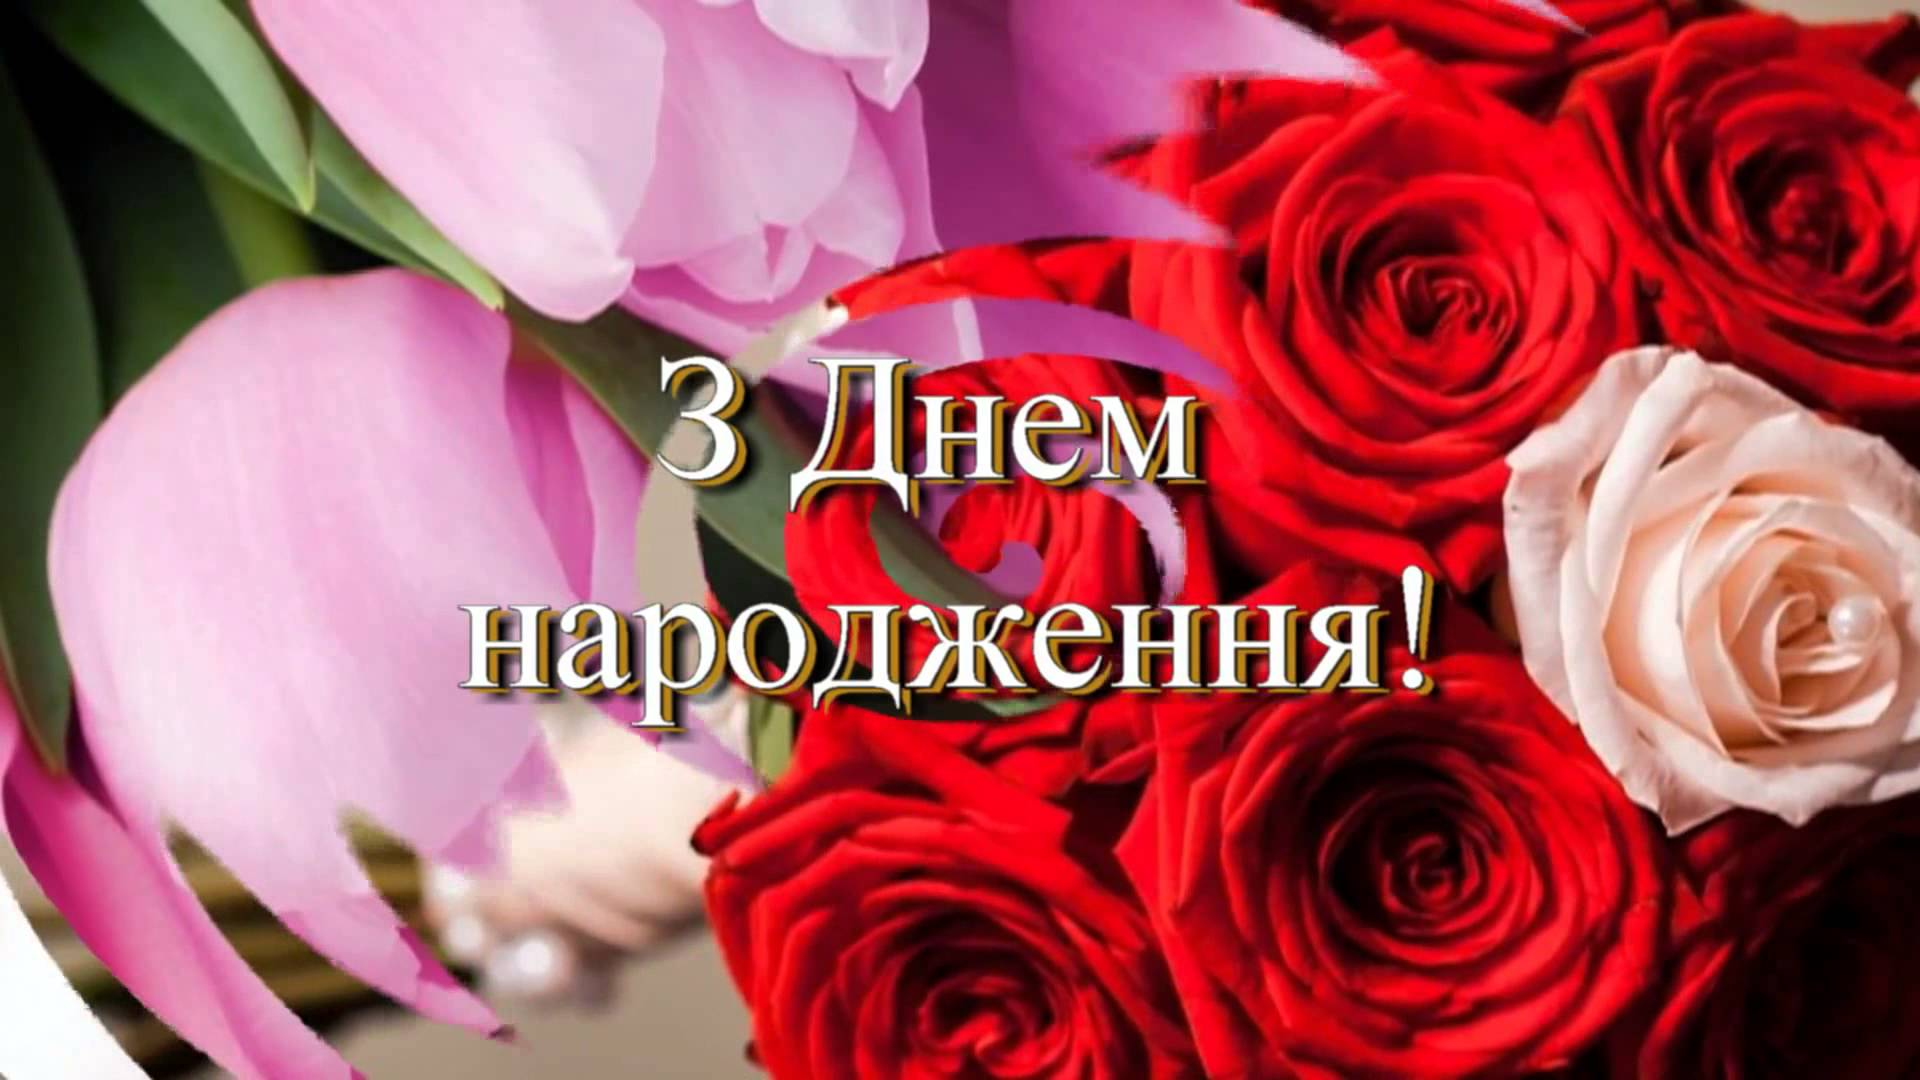 С днем рождения картинки на украинском языке